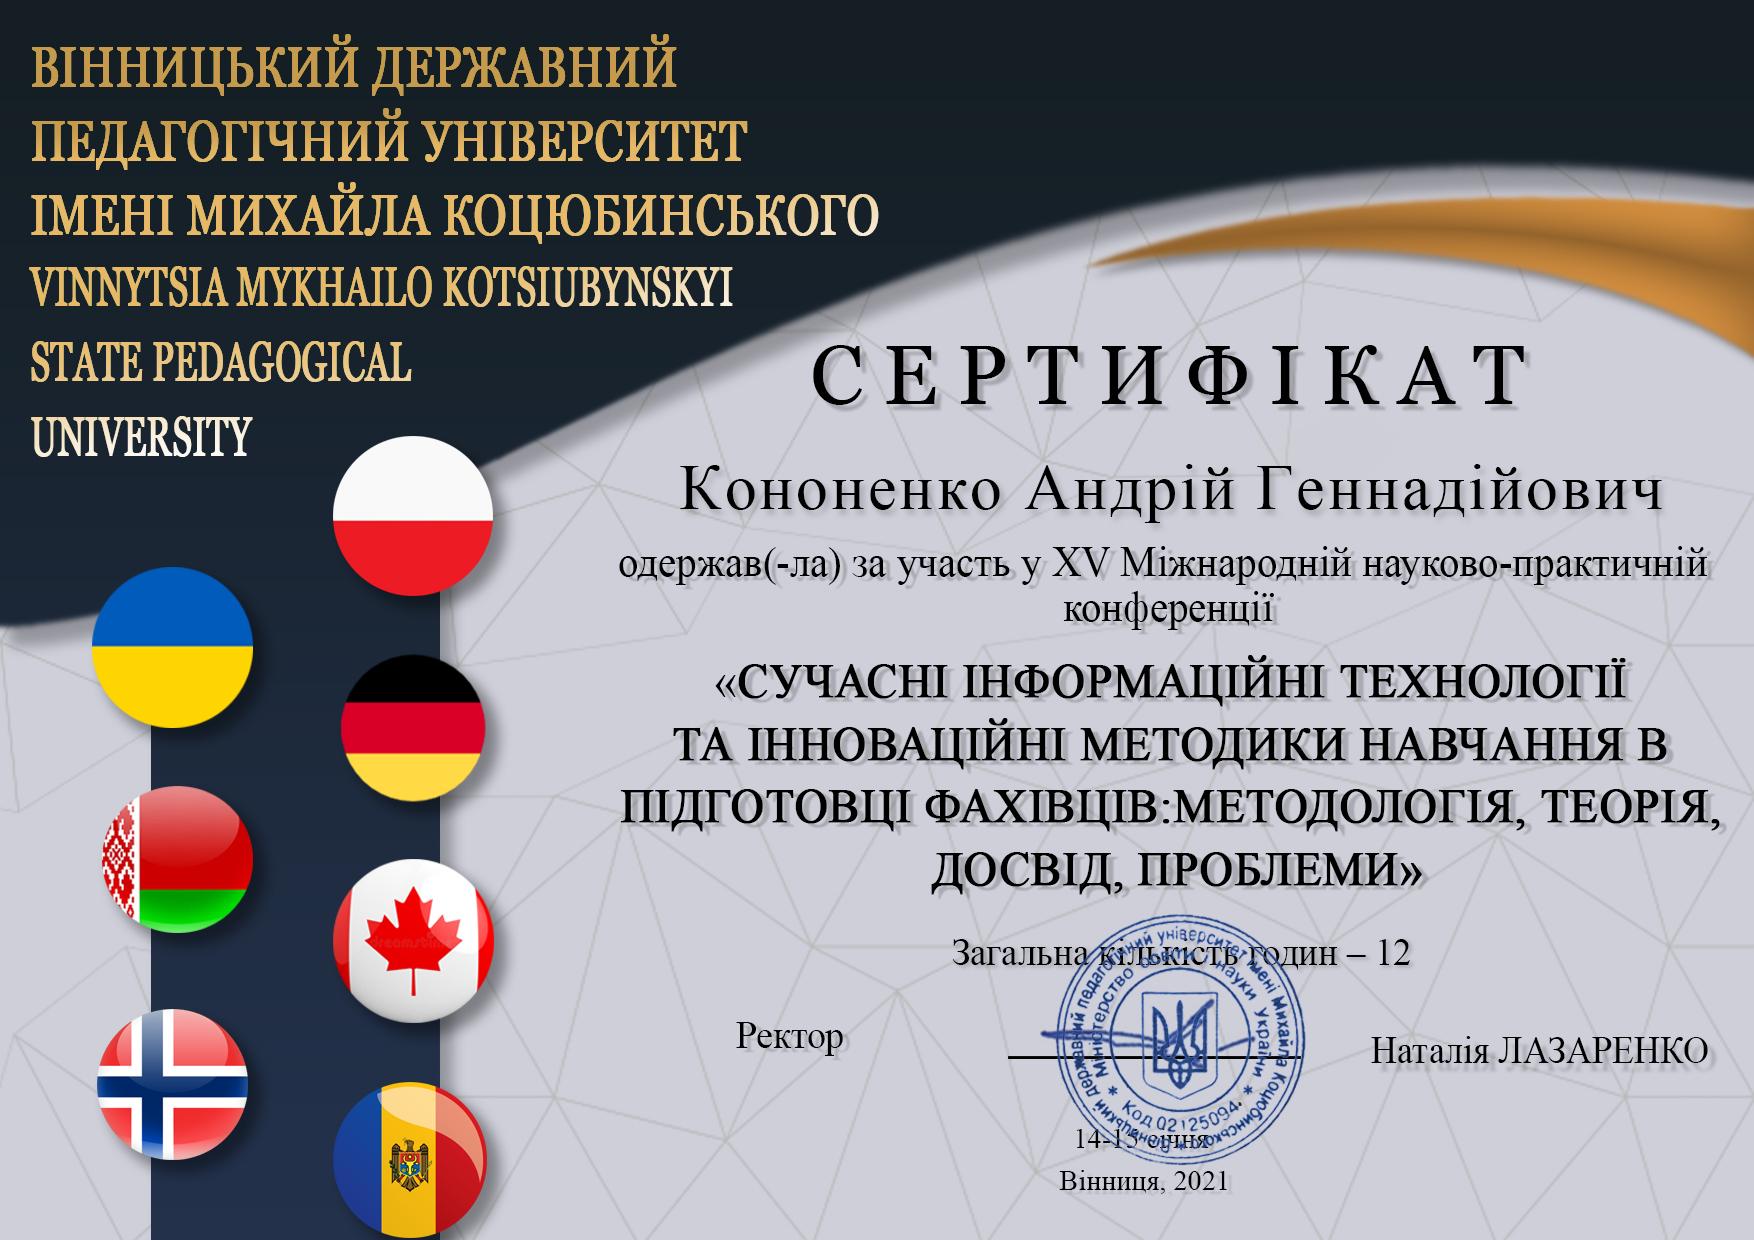 Кононенко Андрій Геннадійович